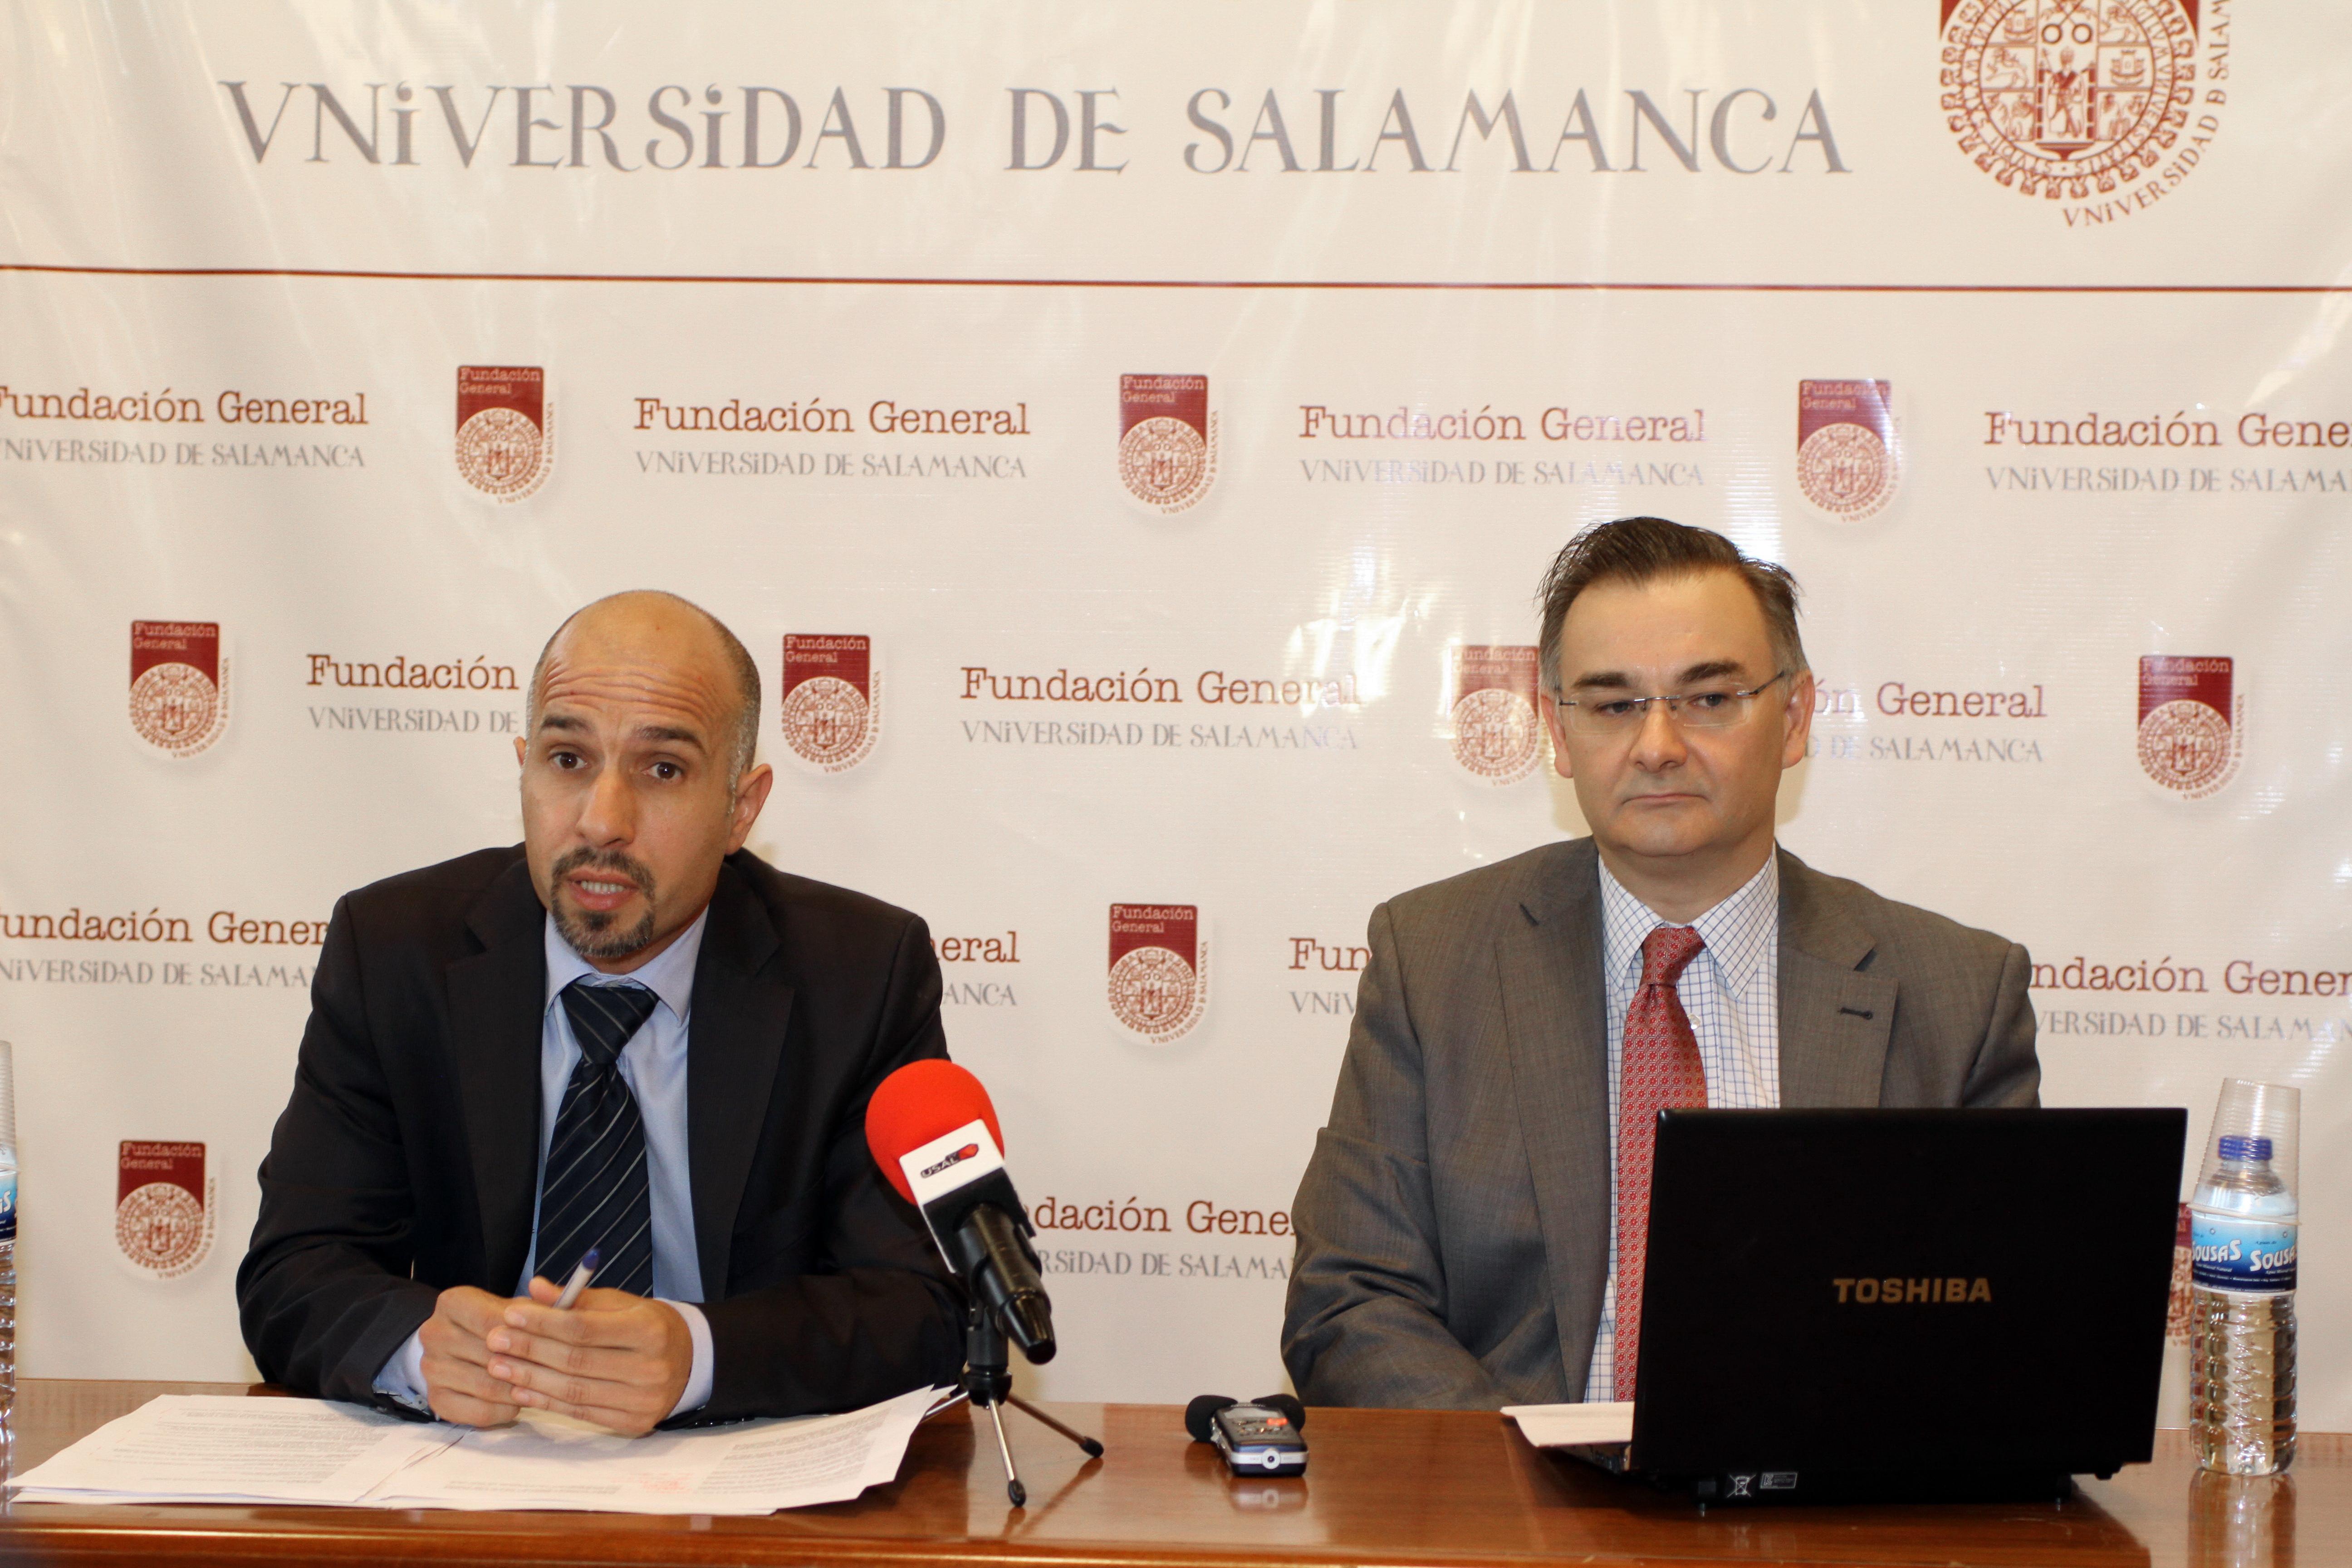 La Fundación General de la Universidad de Salamanca presenta los XXXV Cursos de Especialización en Derecho